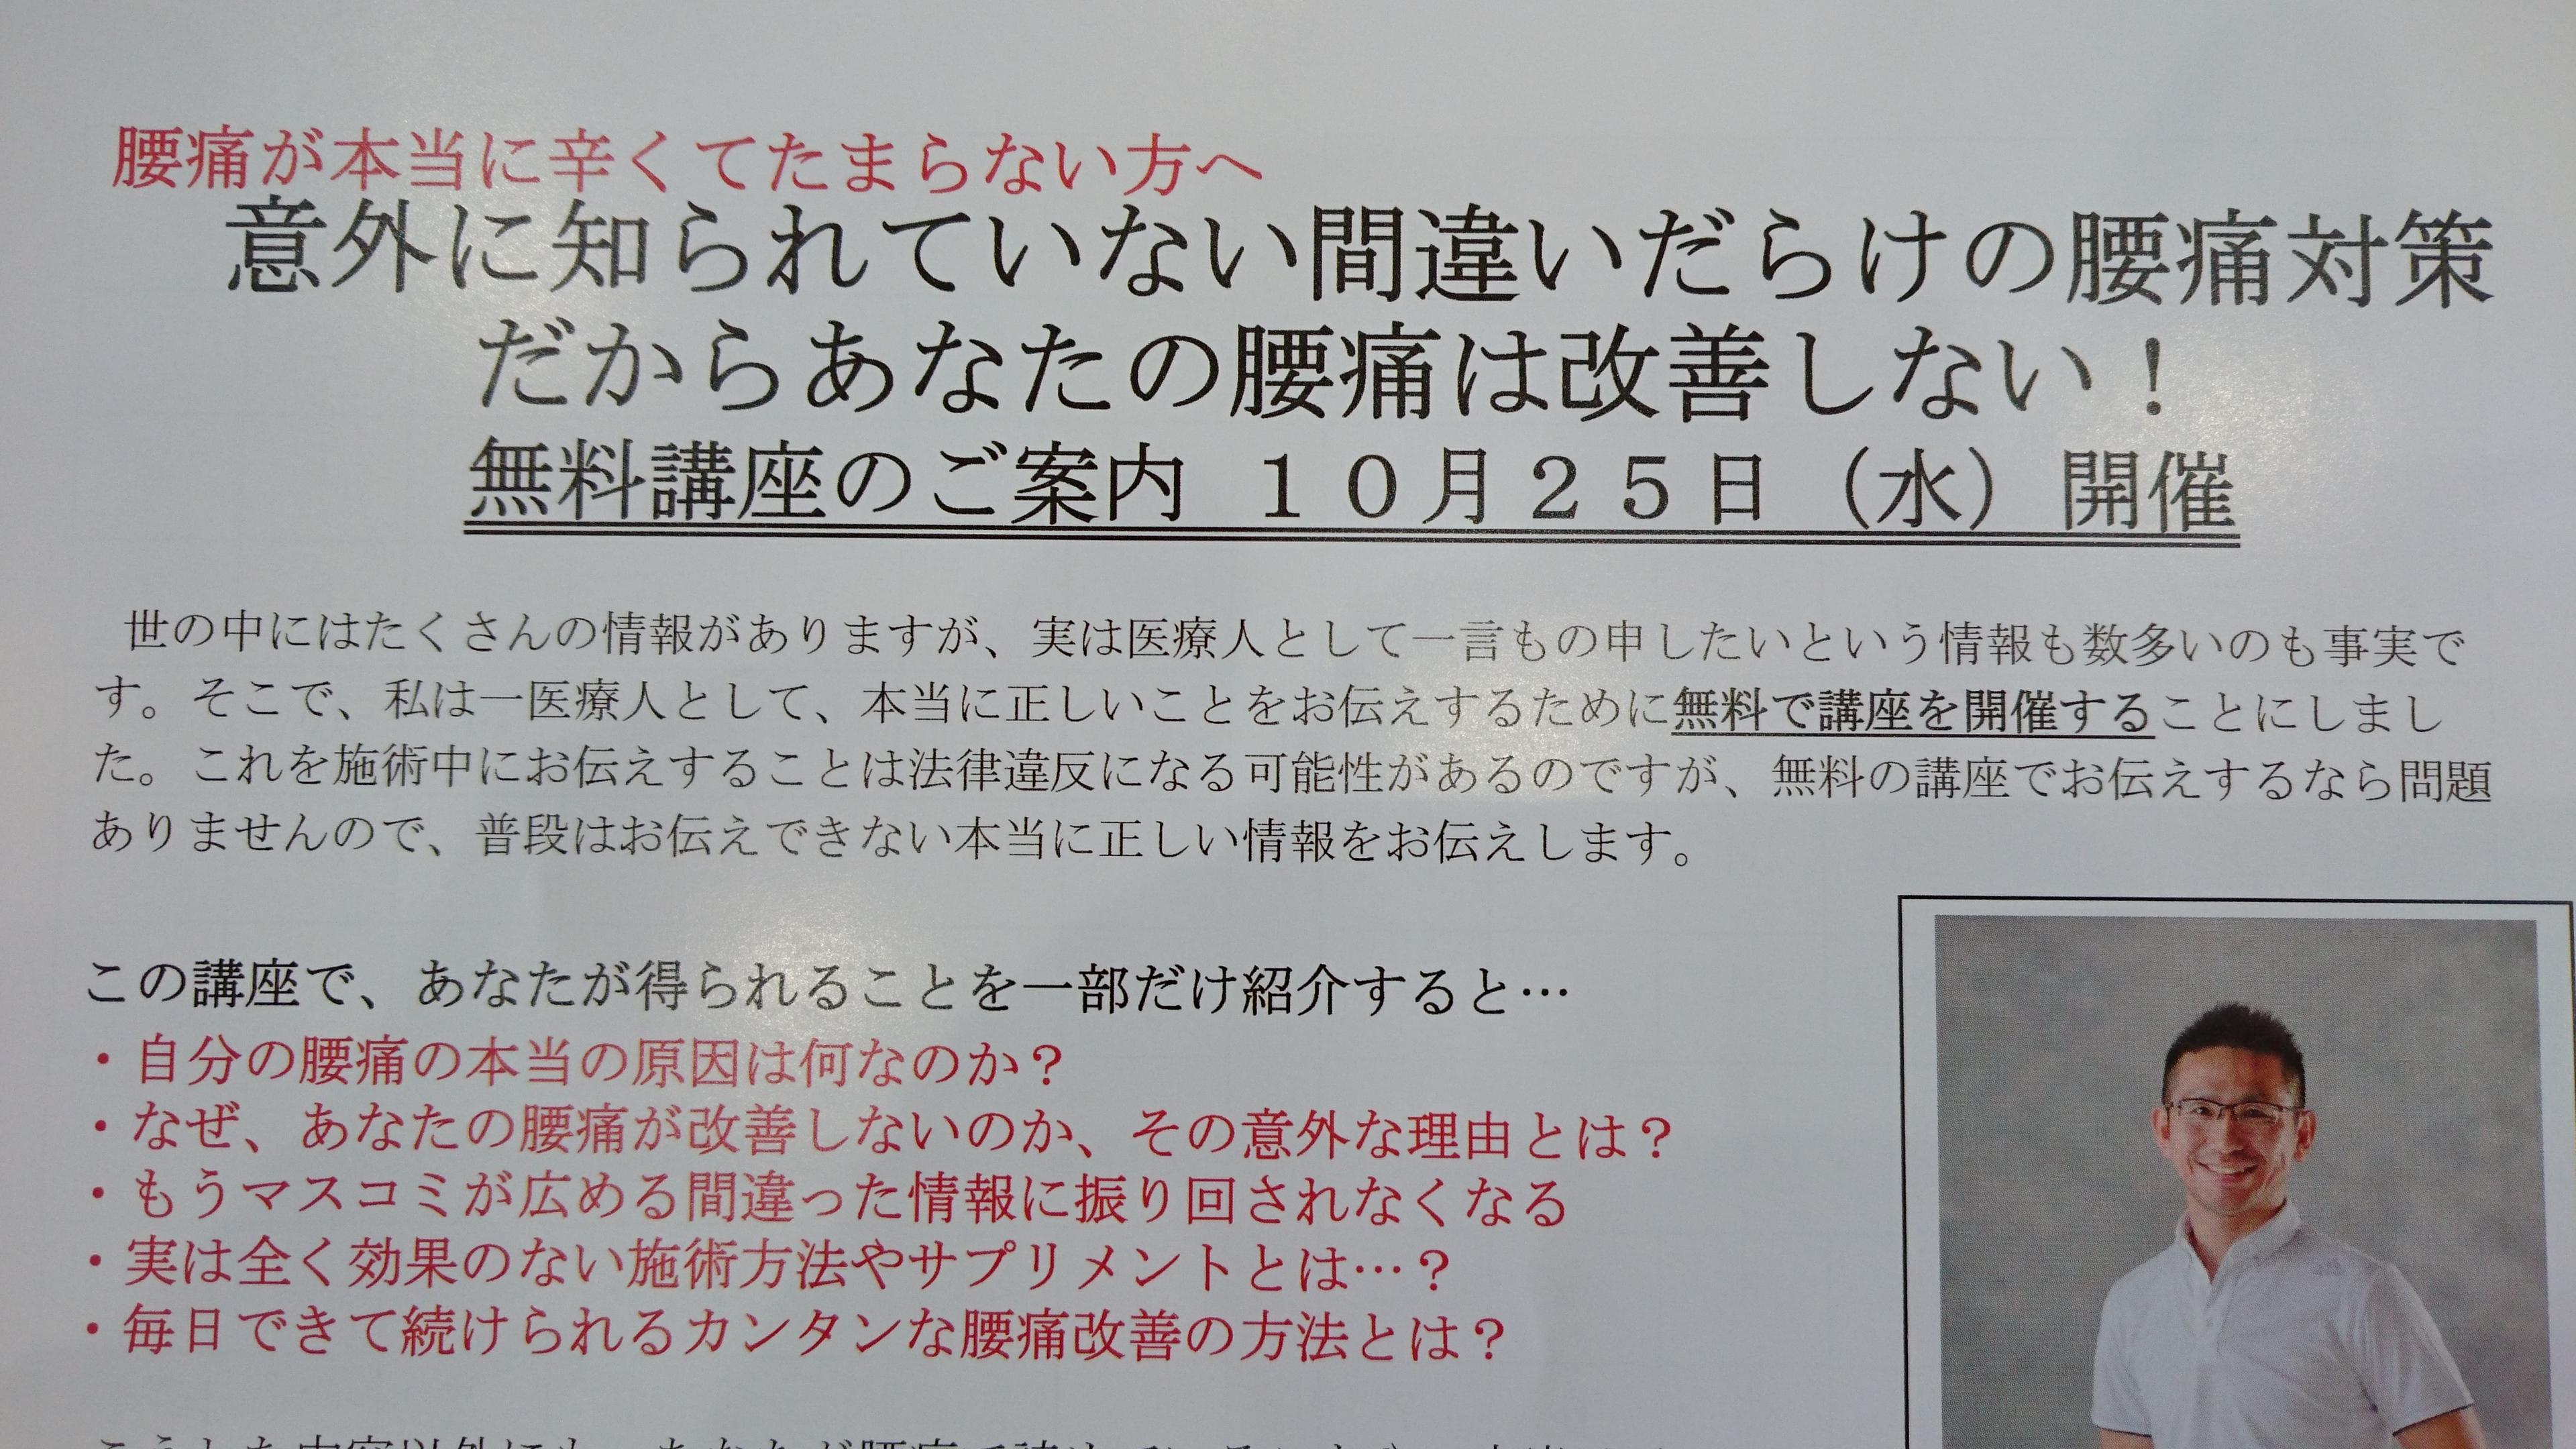 10月25日(水)午後2時より、【腰痛無料講座】開催